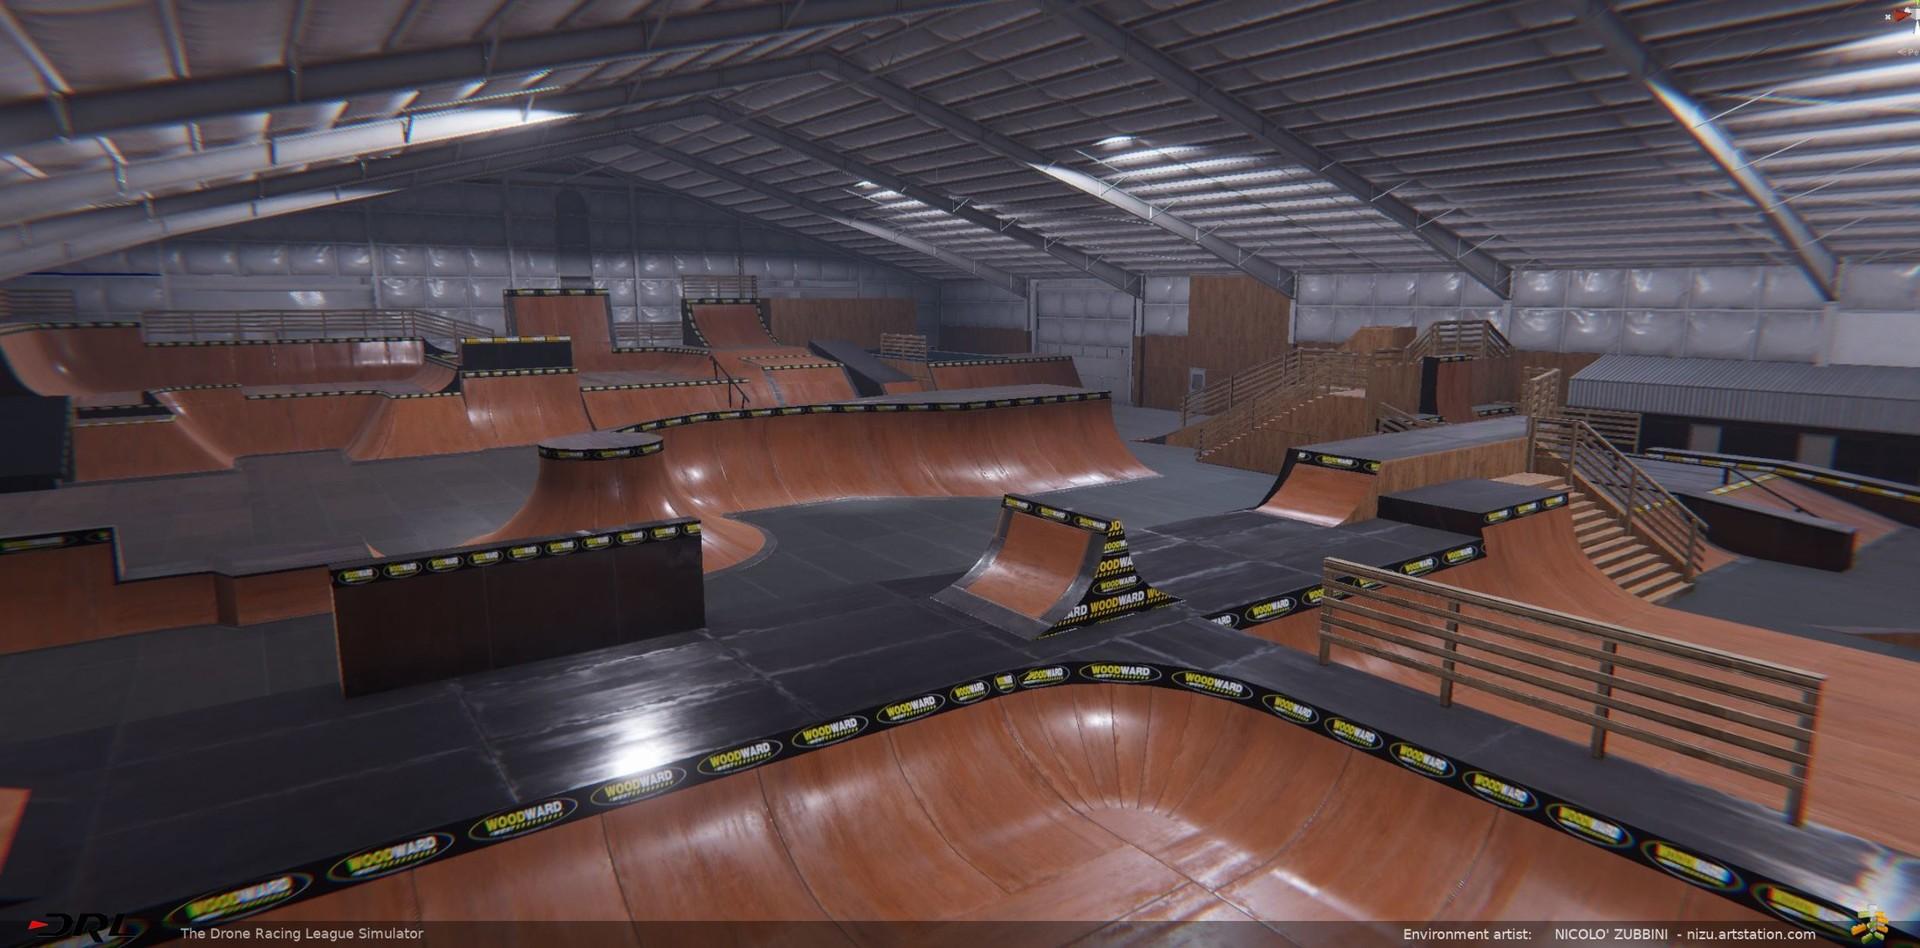 Nicolo zubbini drl skatepark 5